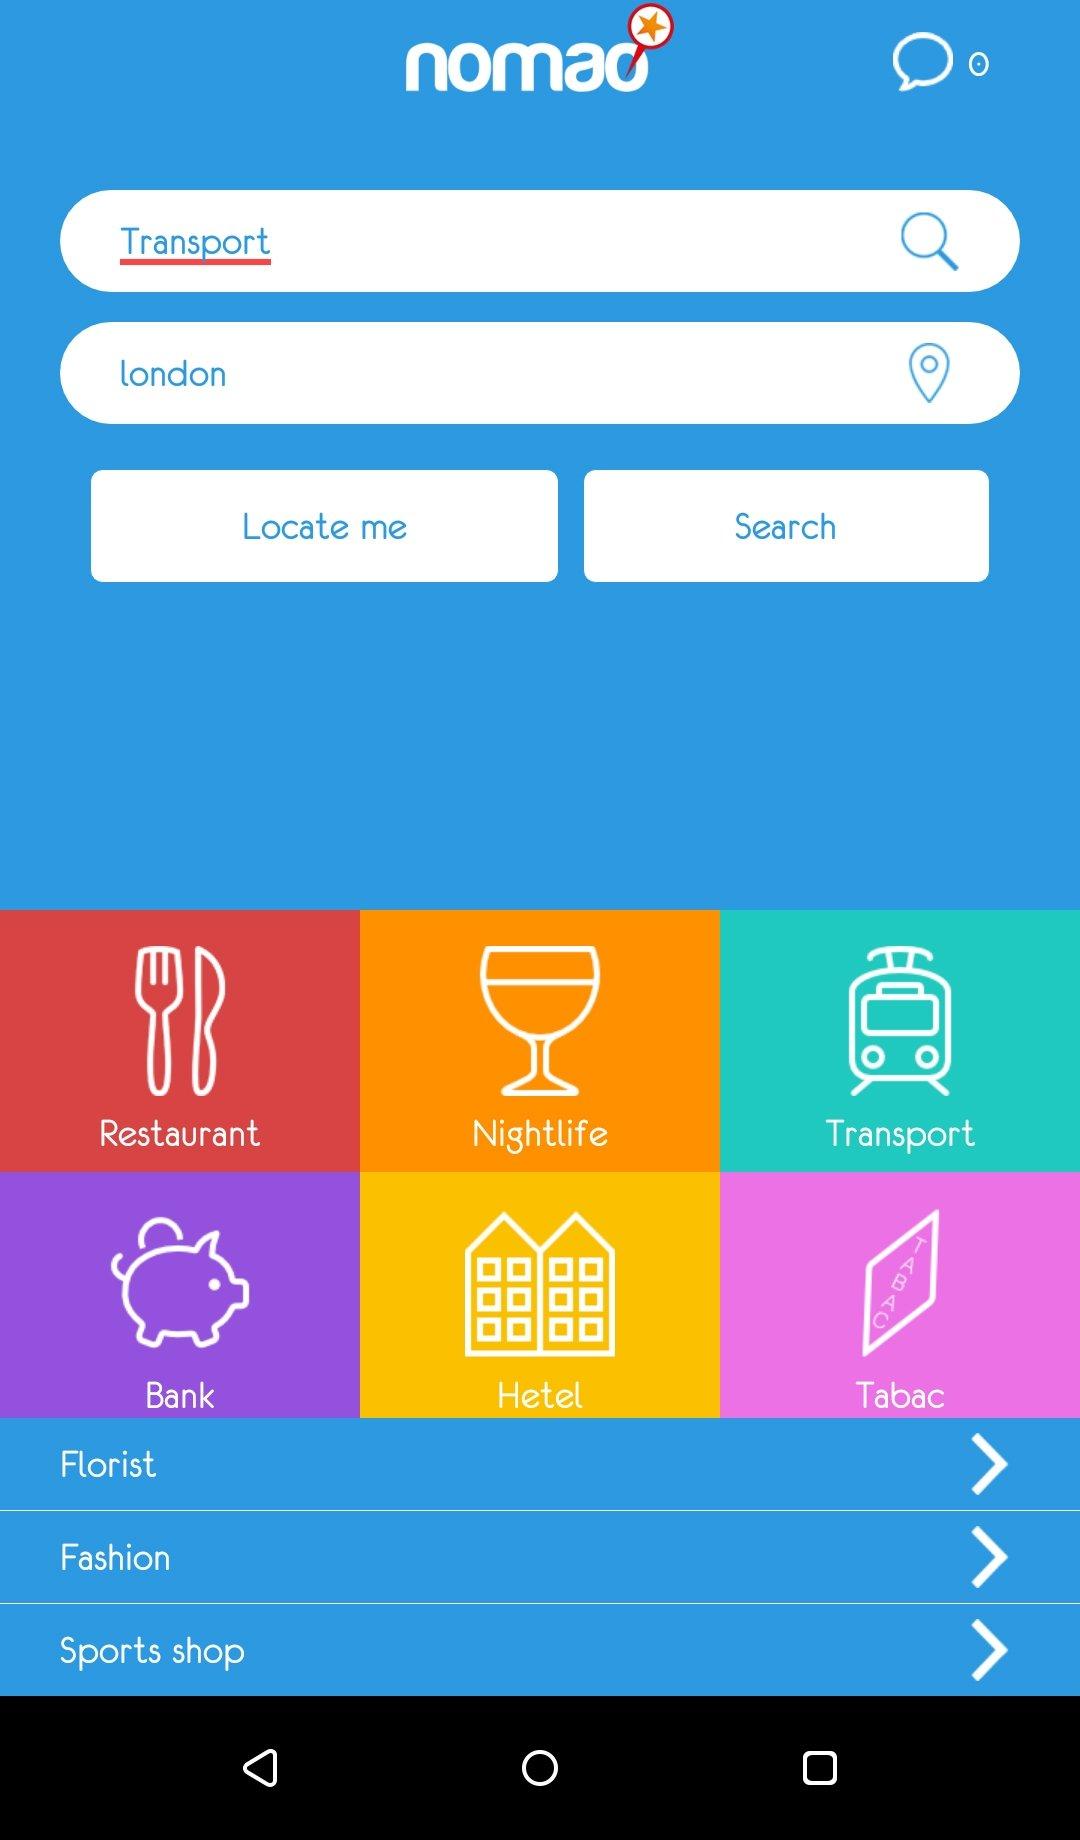 nomao gratuit pour android